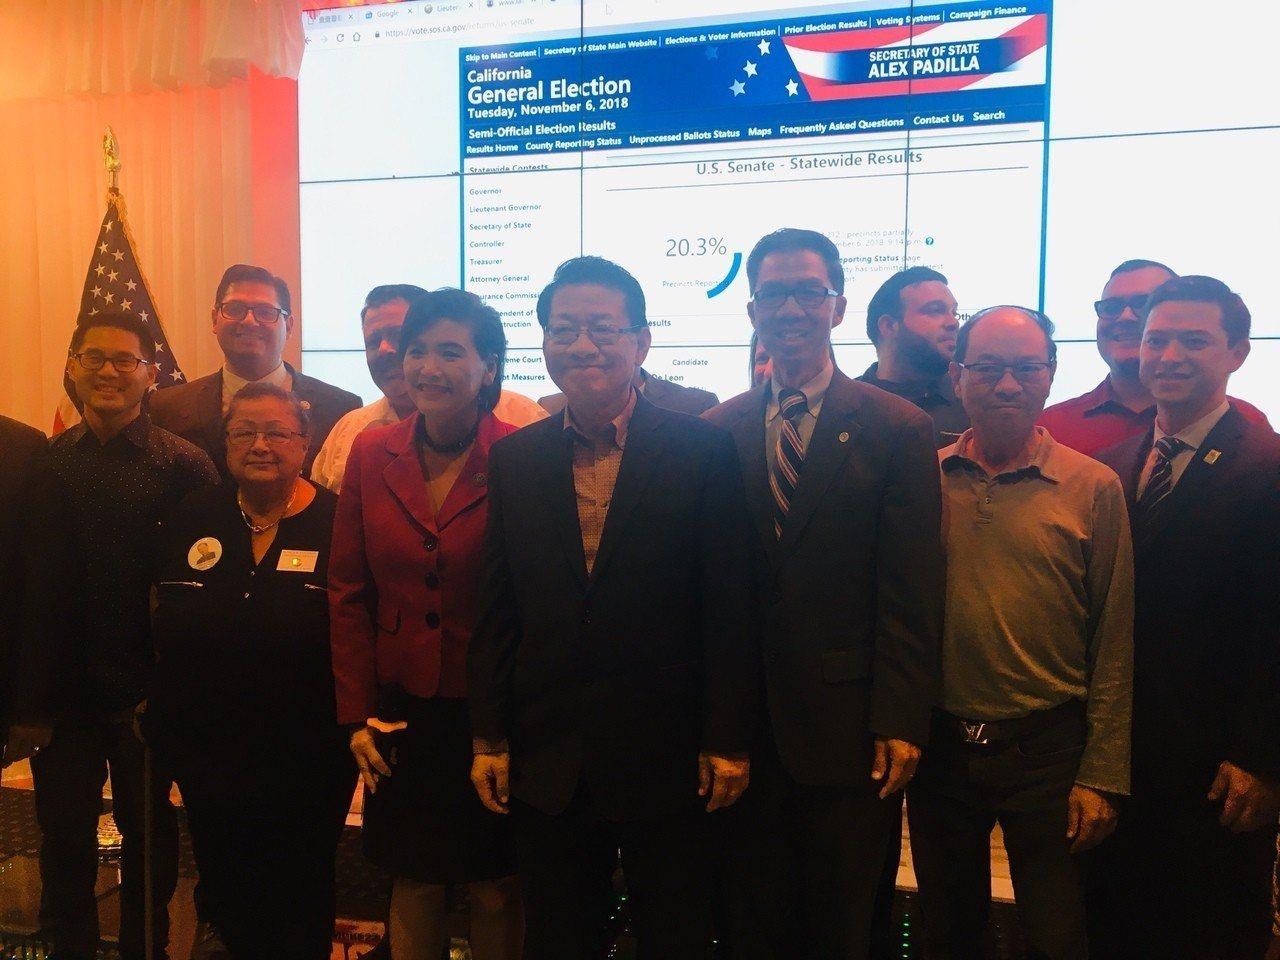 競選連任的聯邦眾議員趙美心(Judy Chu)、加州眾議員周本立(Ed Chau...